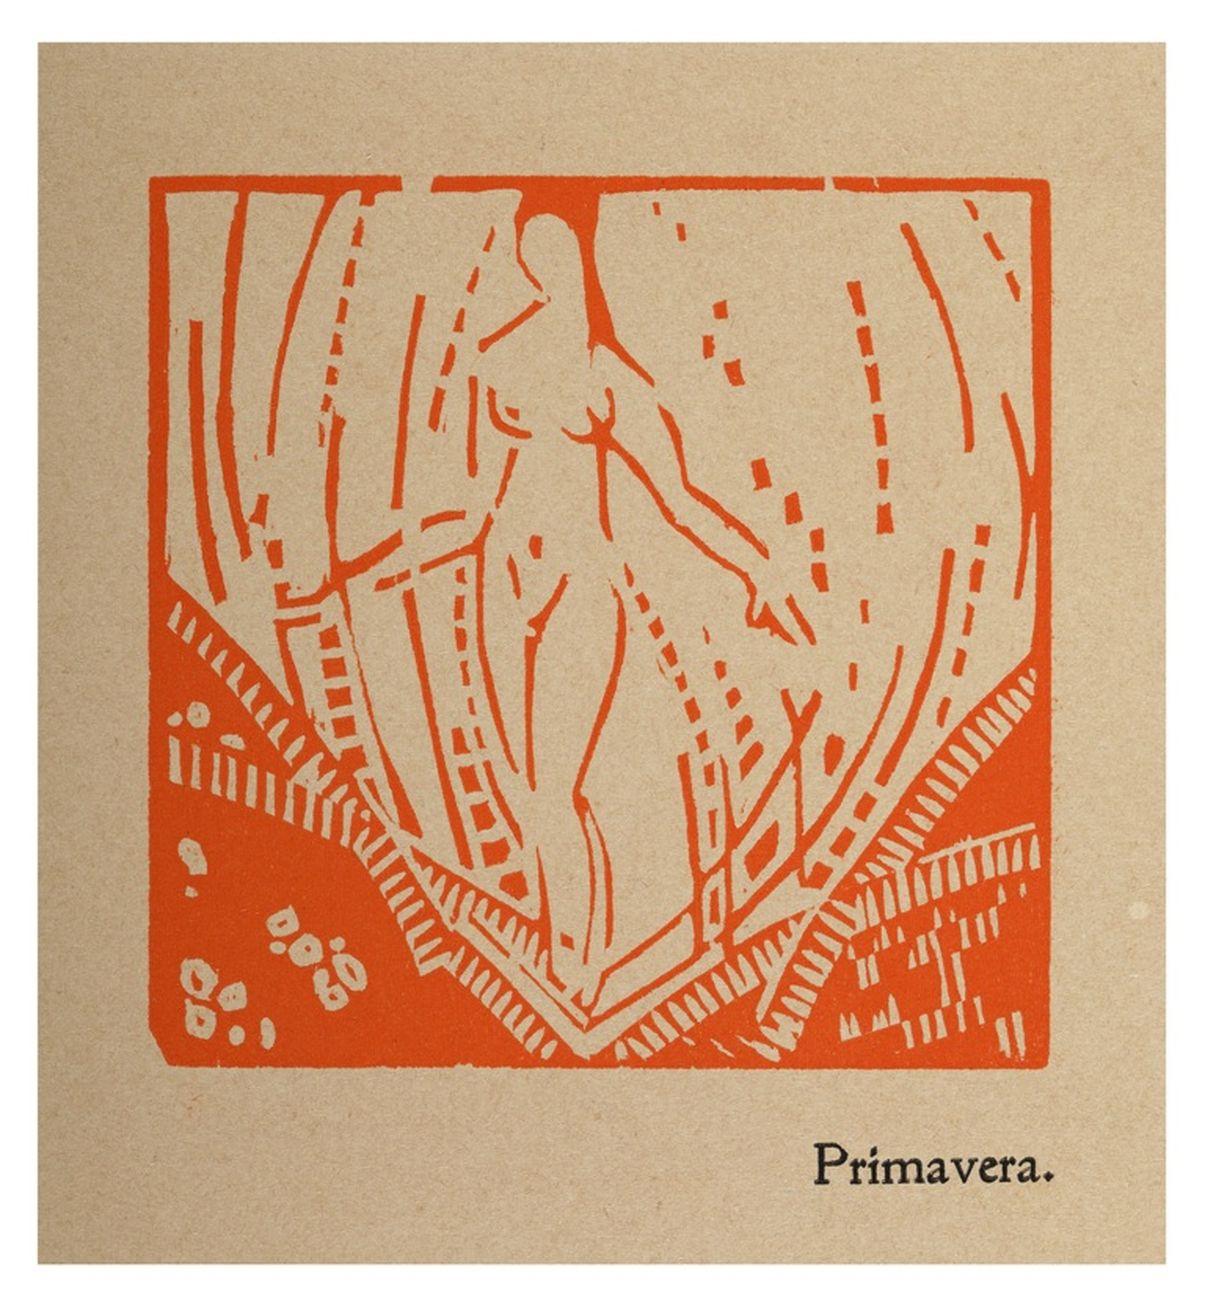 Enrico Prampolini, Primavera, 1916. Roma, Collezione privata